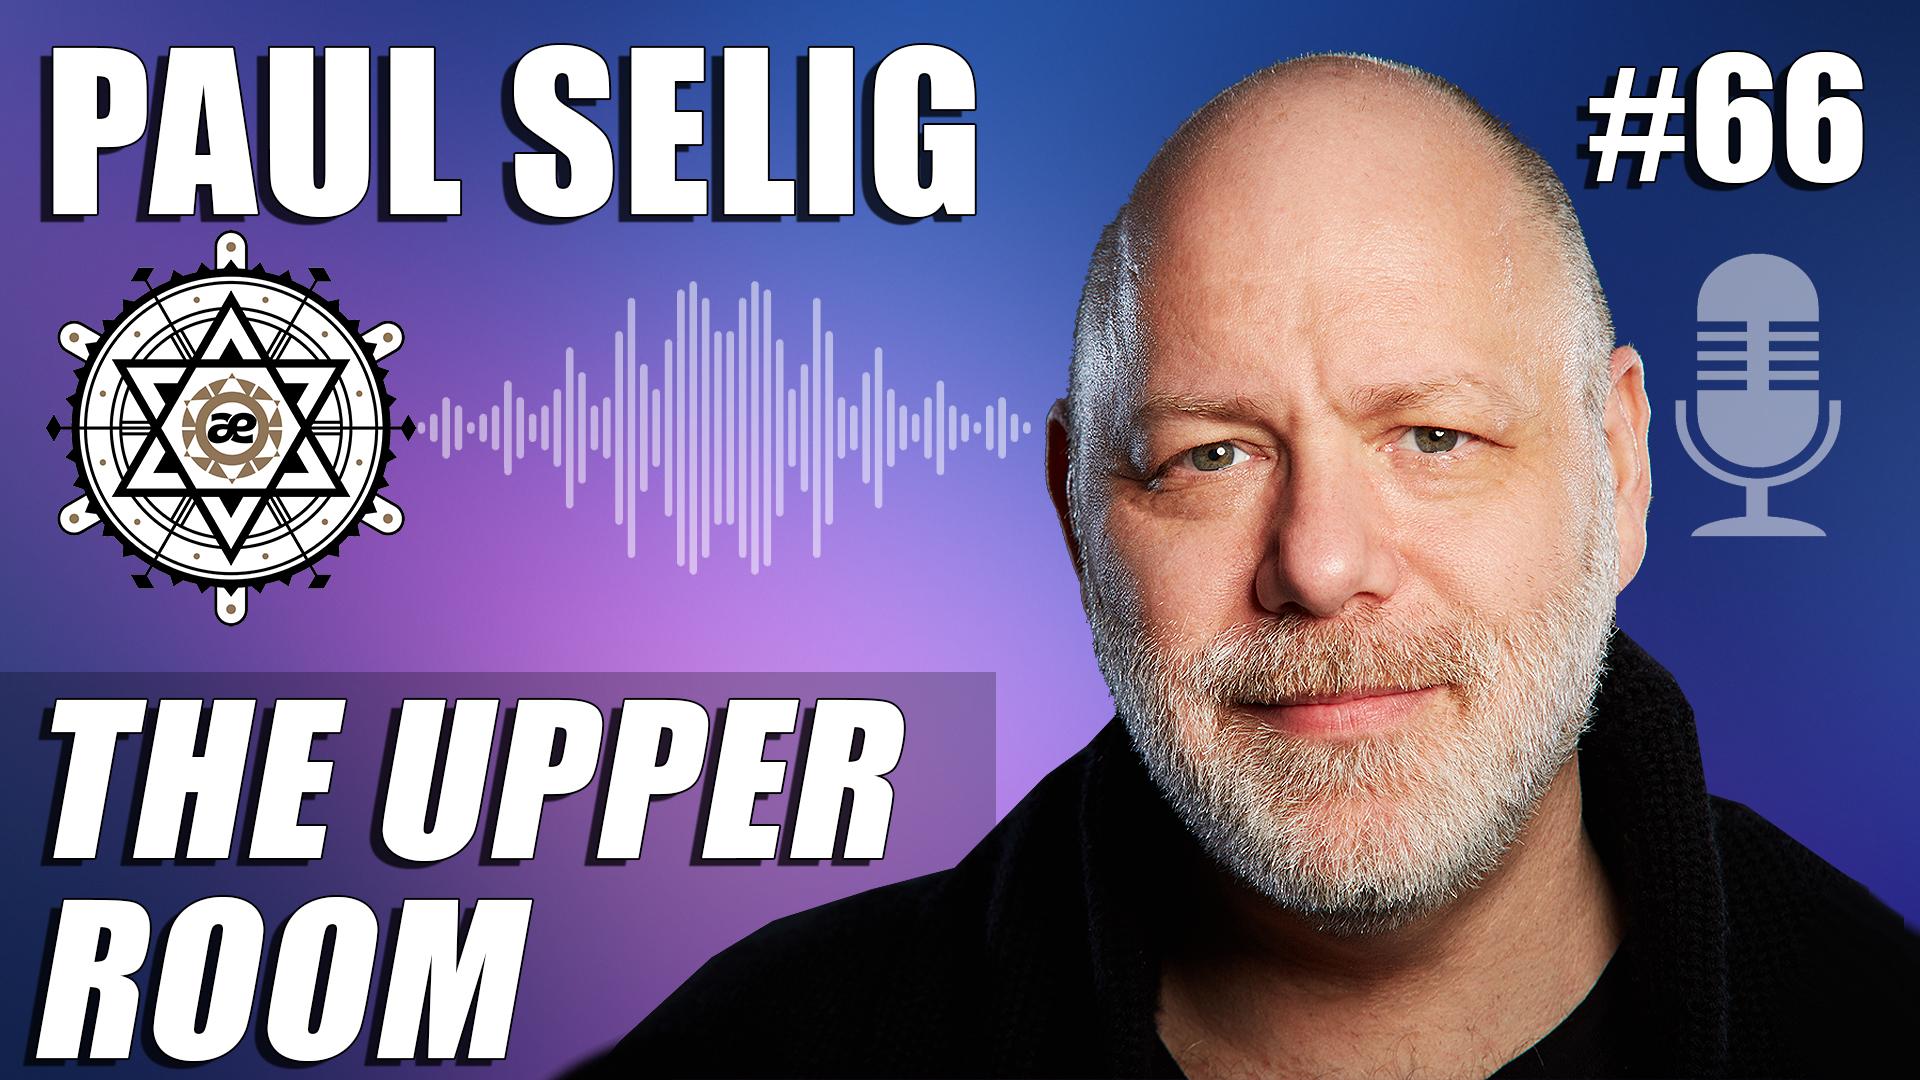 EP66 - Paul Selig